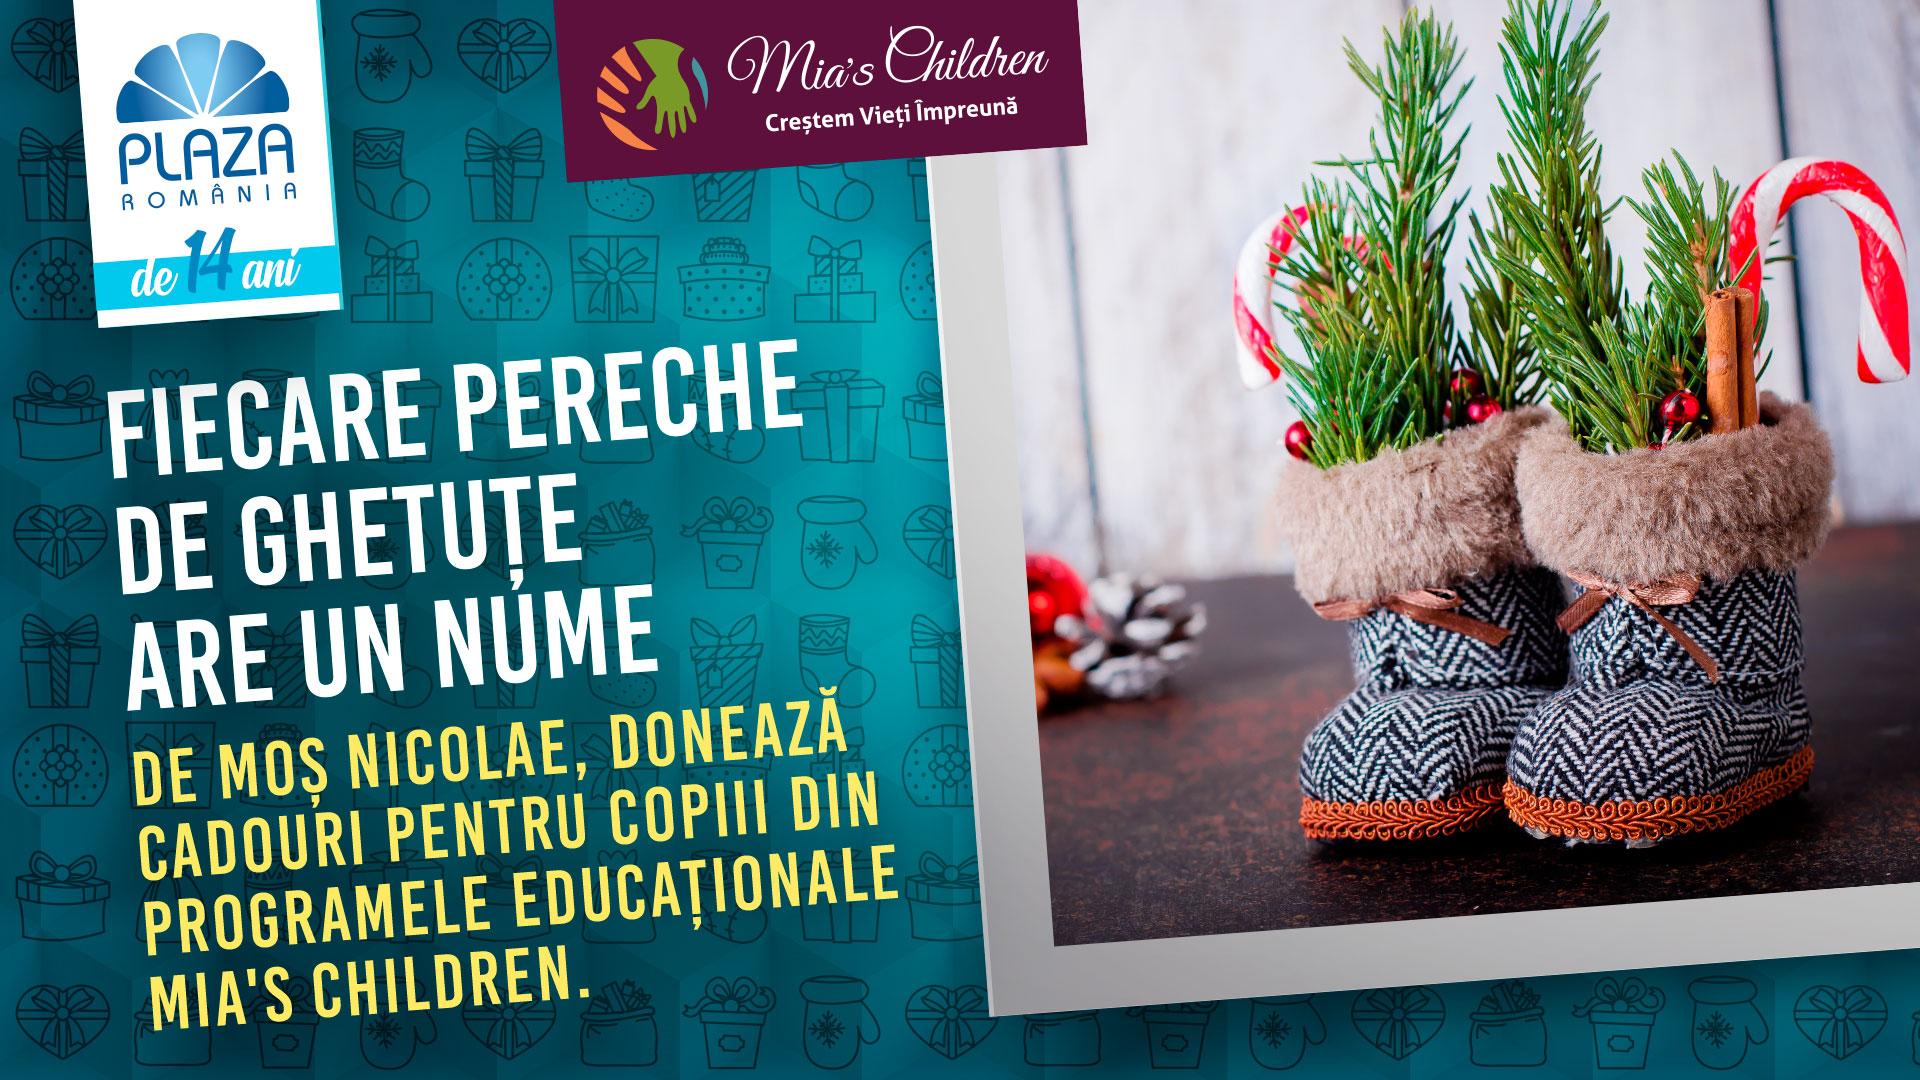 La Plaza România, ghetuțele copiilor din familii defavorizate sunt gata să primească cadouri de Moș Nicolae